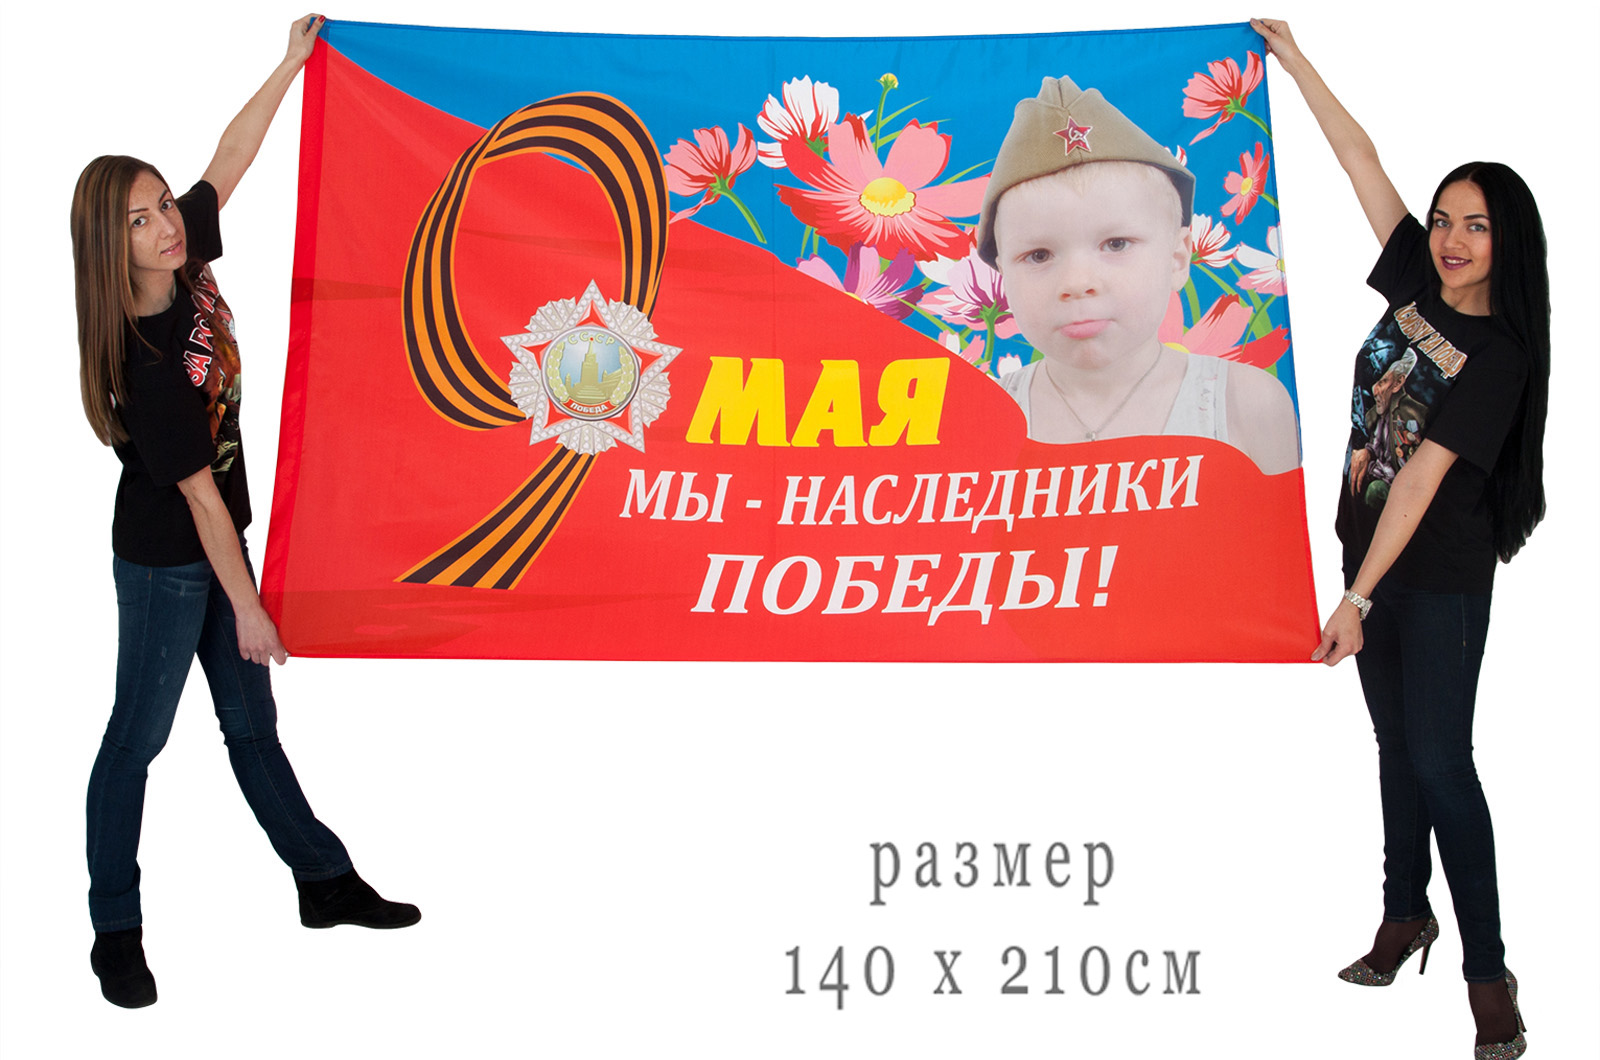 Флаг для наследников Победы